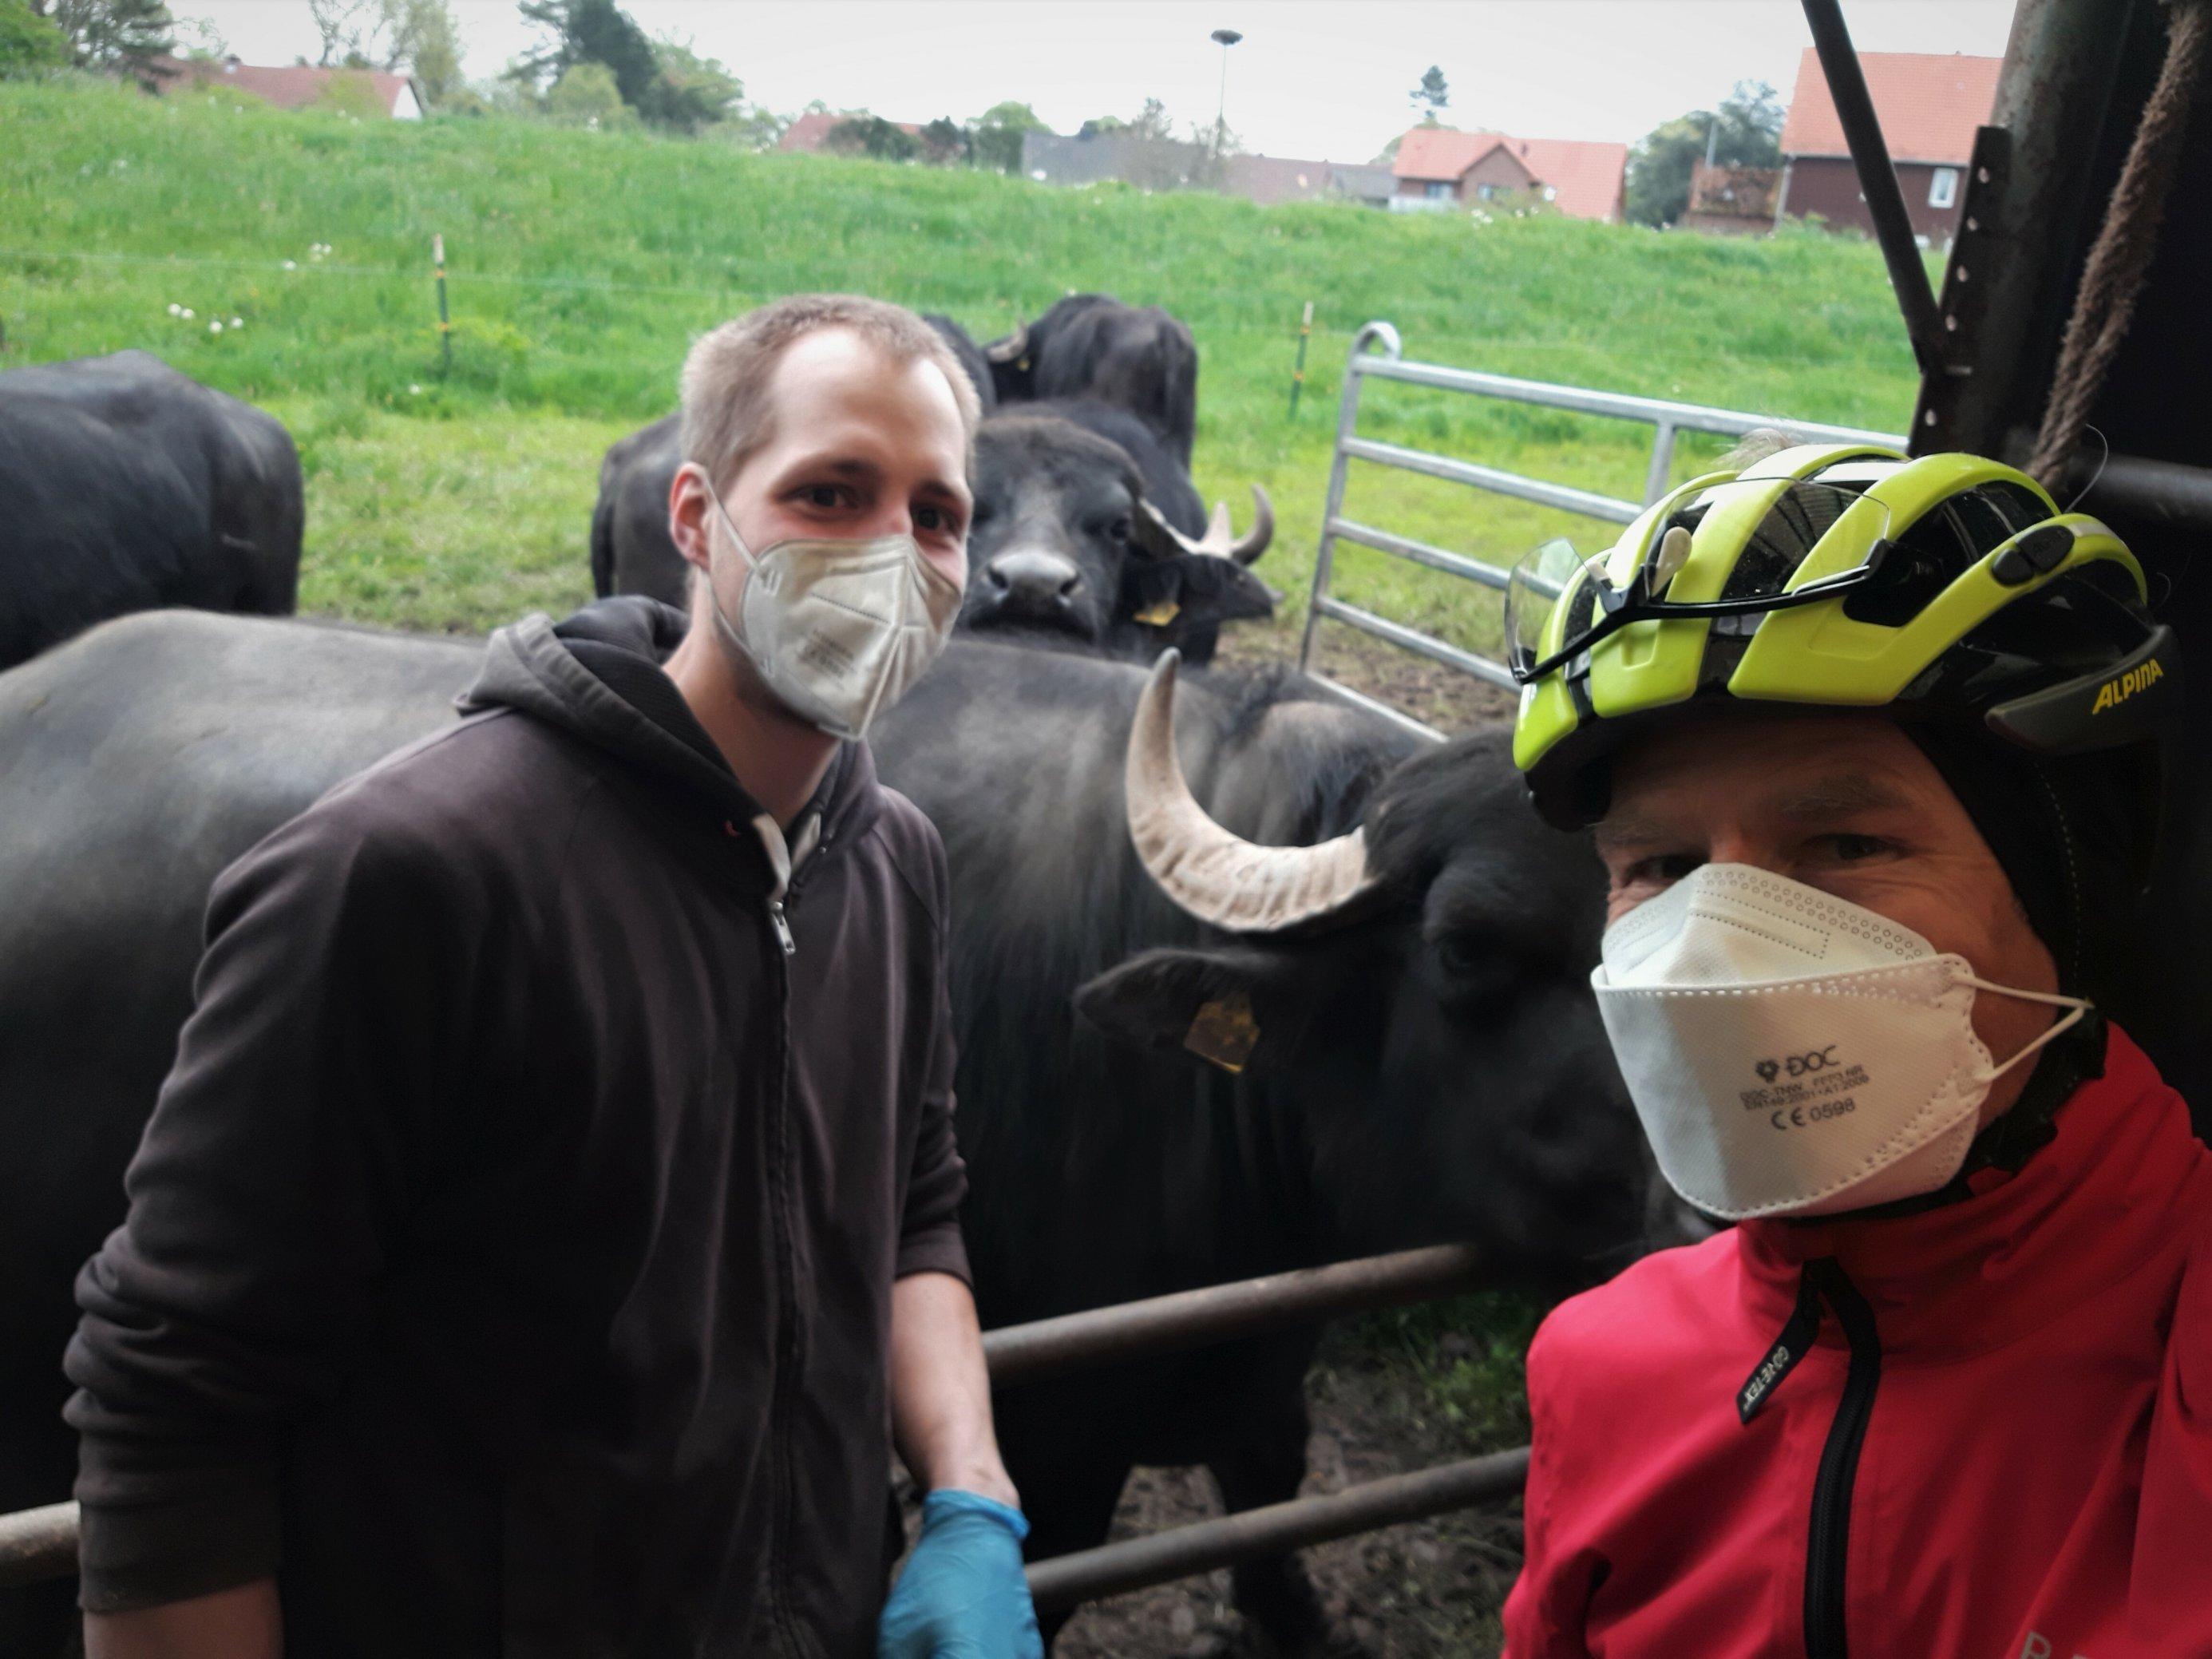 Auf dem Selfie des RadelndenReporters, der am rechten Bildrand zu sehen ist, lehnt sich der junge Landwirt ans Metallgatter, hinter dem im Bildausschnitt vier Büffel zu sehen sind.